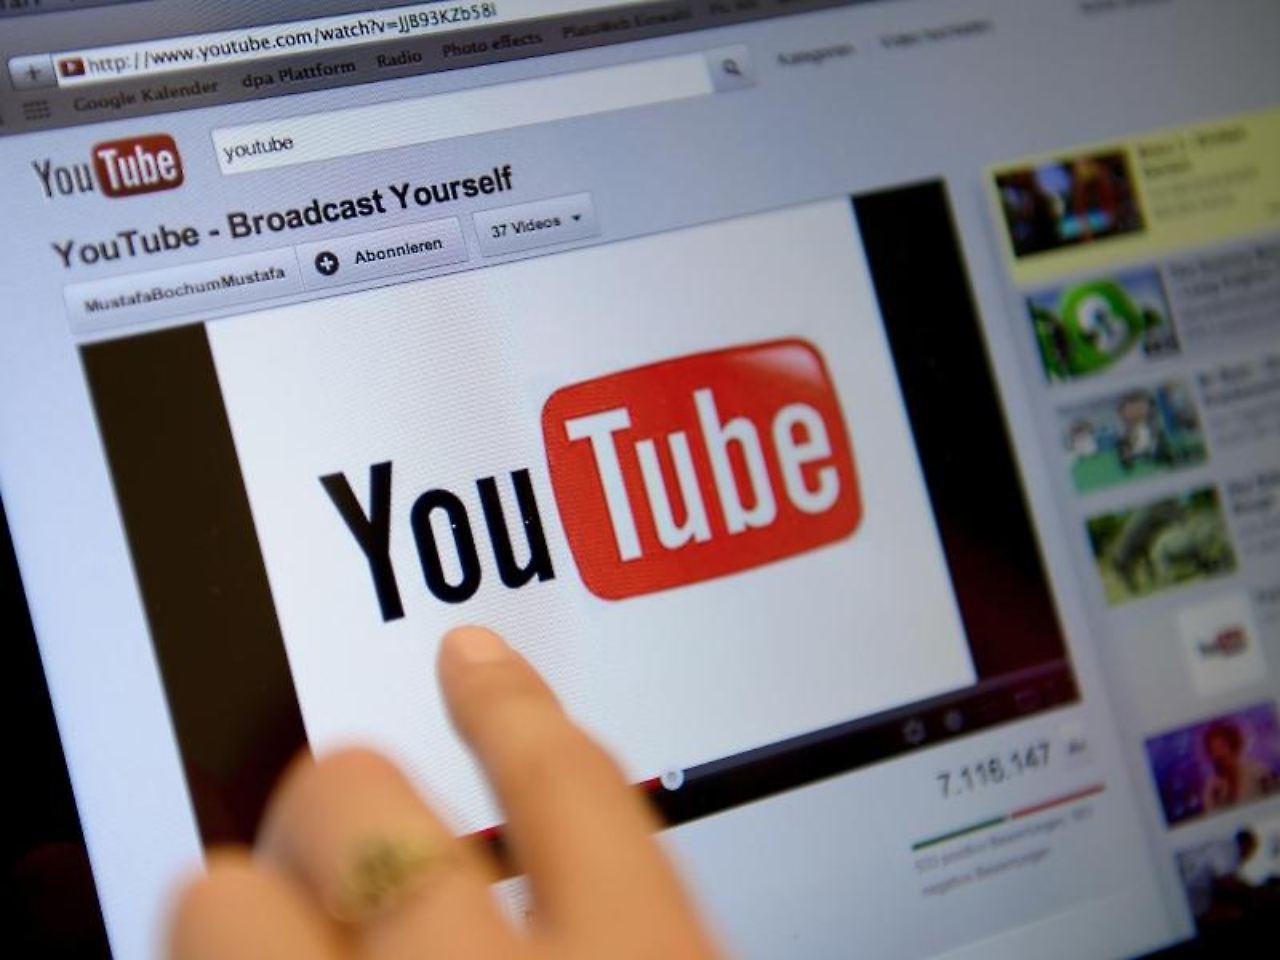 Einbetten von fremden Videos: BGH erlaubt eingeschränktes Framing ...